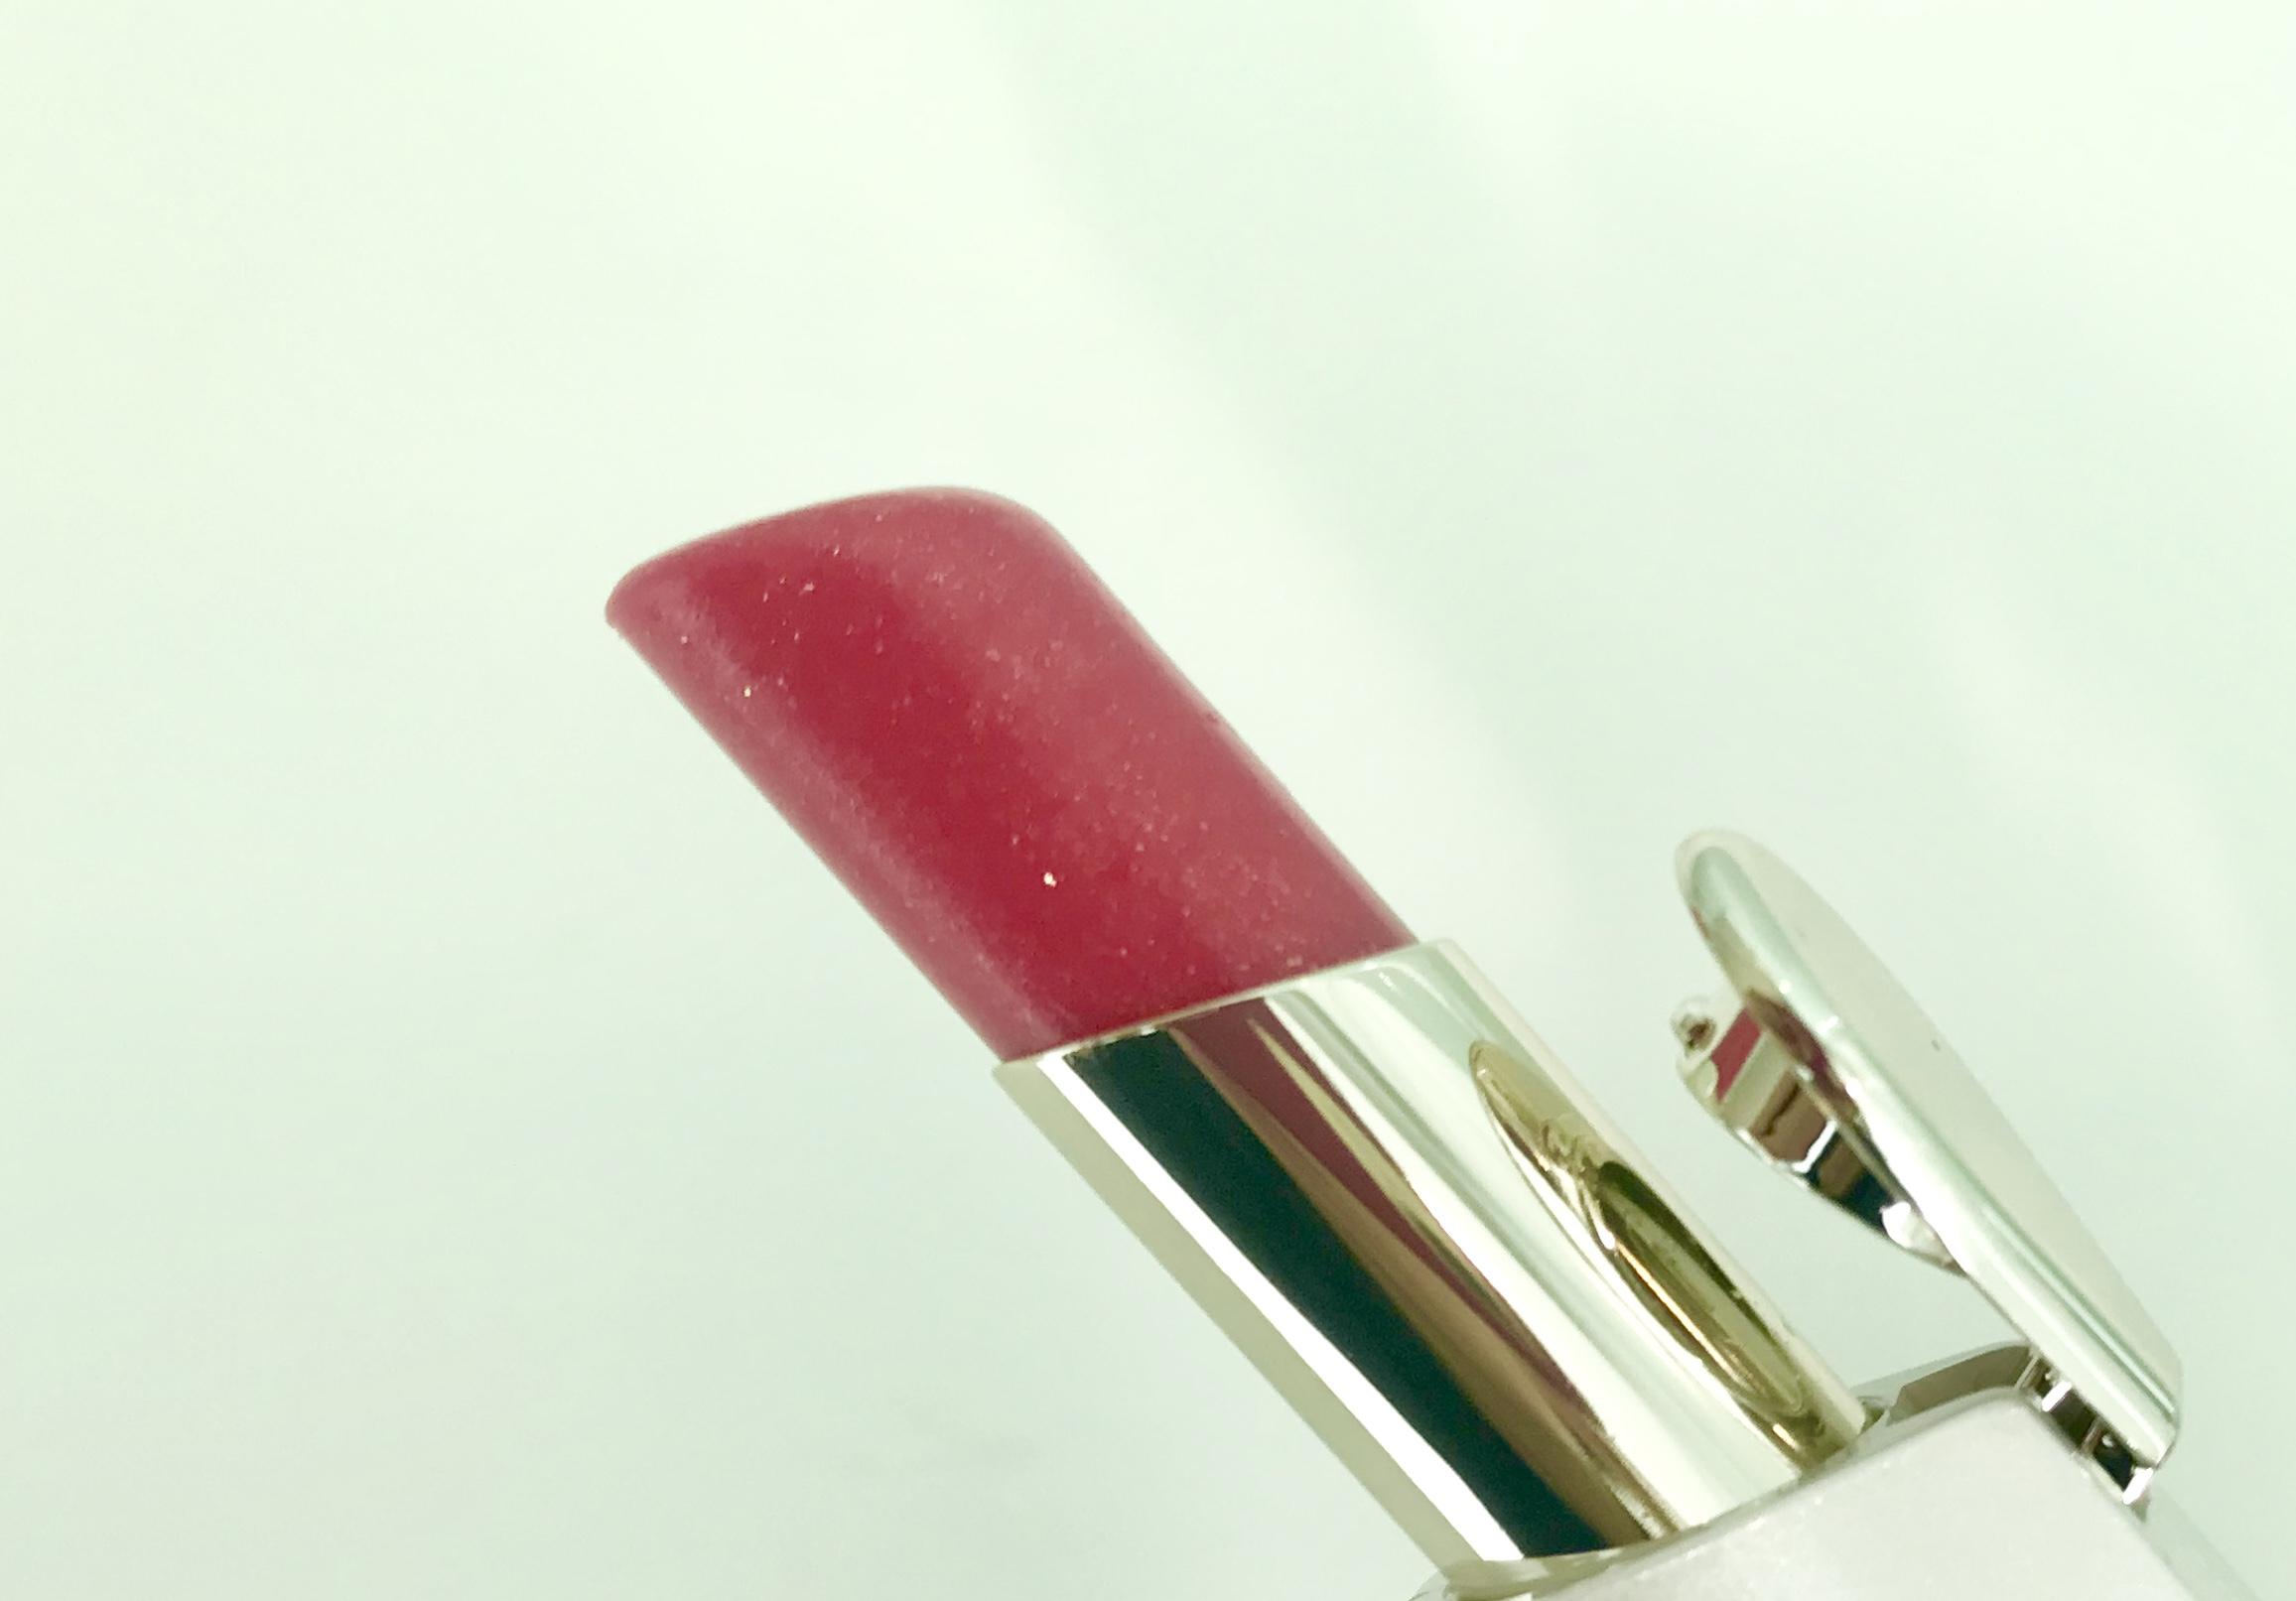 リップティント特集 - 人気ブランドからプチプラまで! 発色、ツヤ、色持ち◎なリップティントは?_9